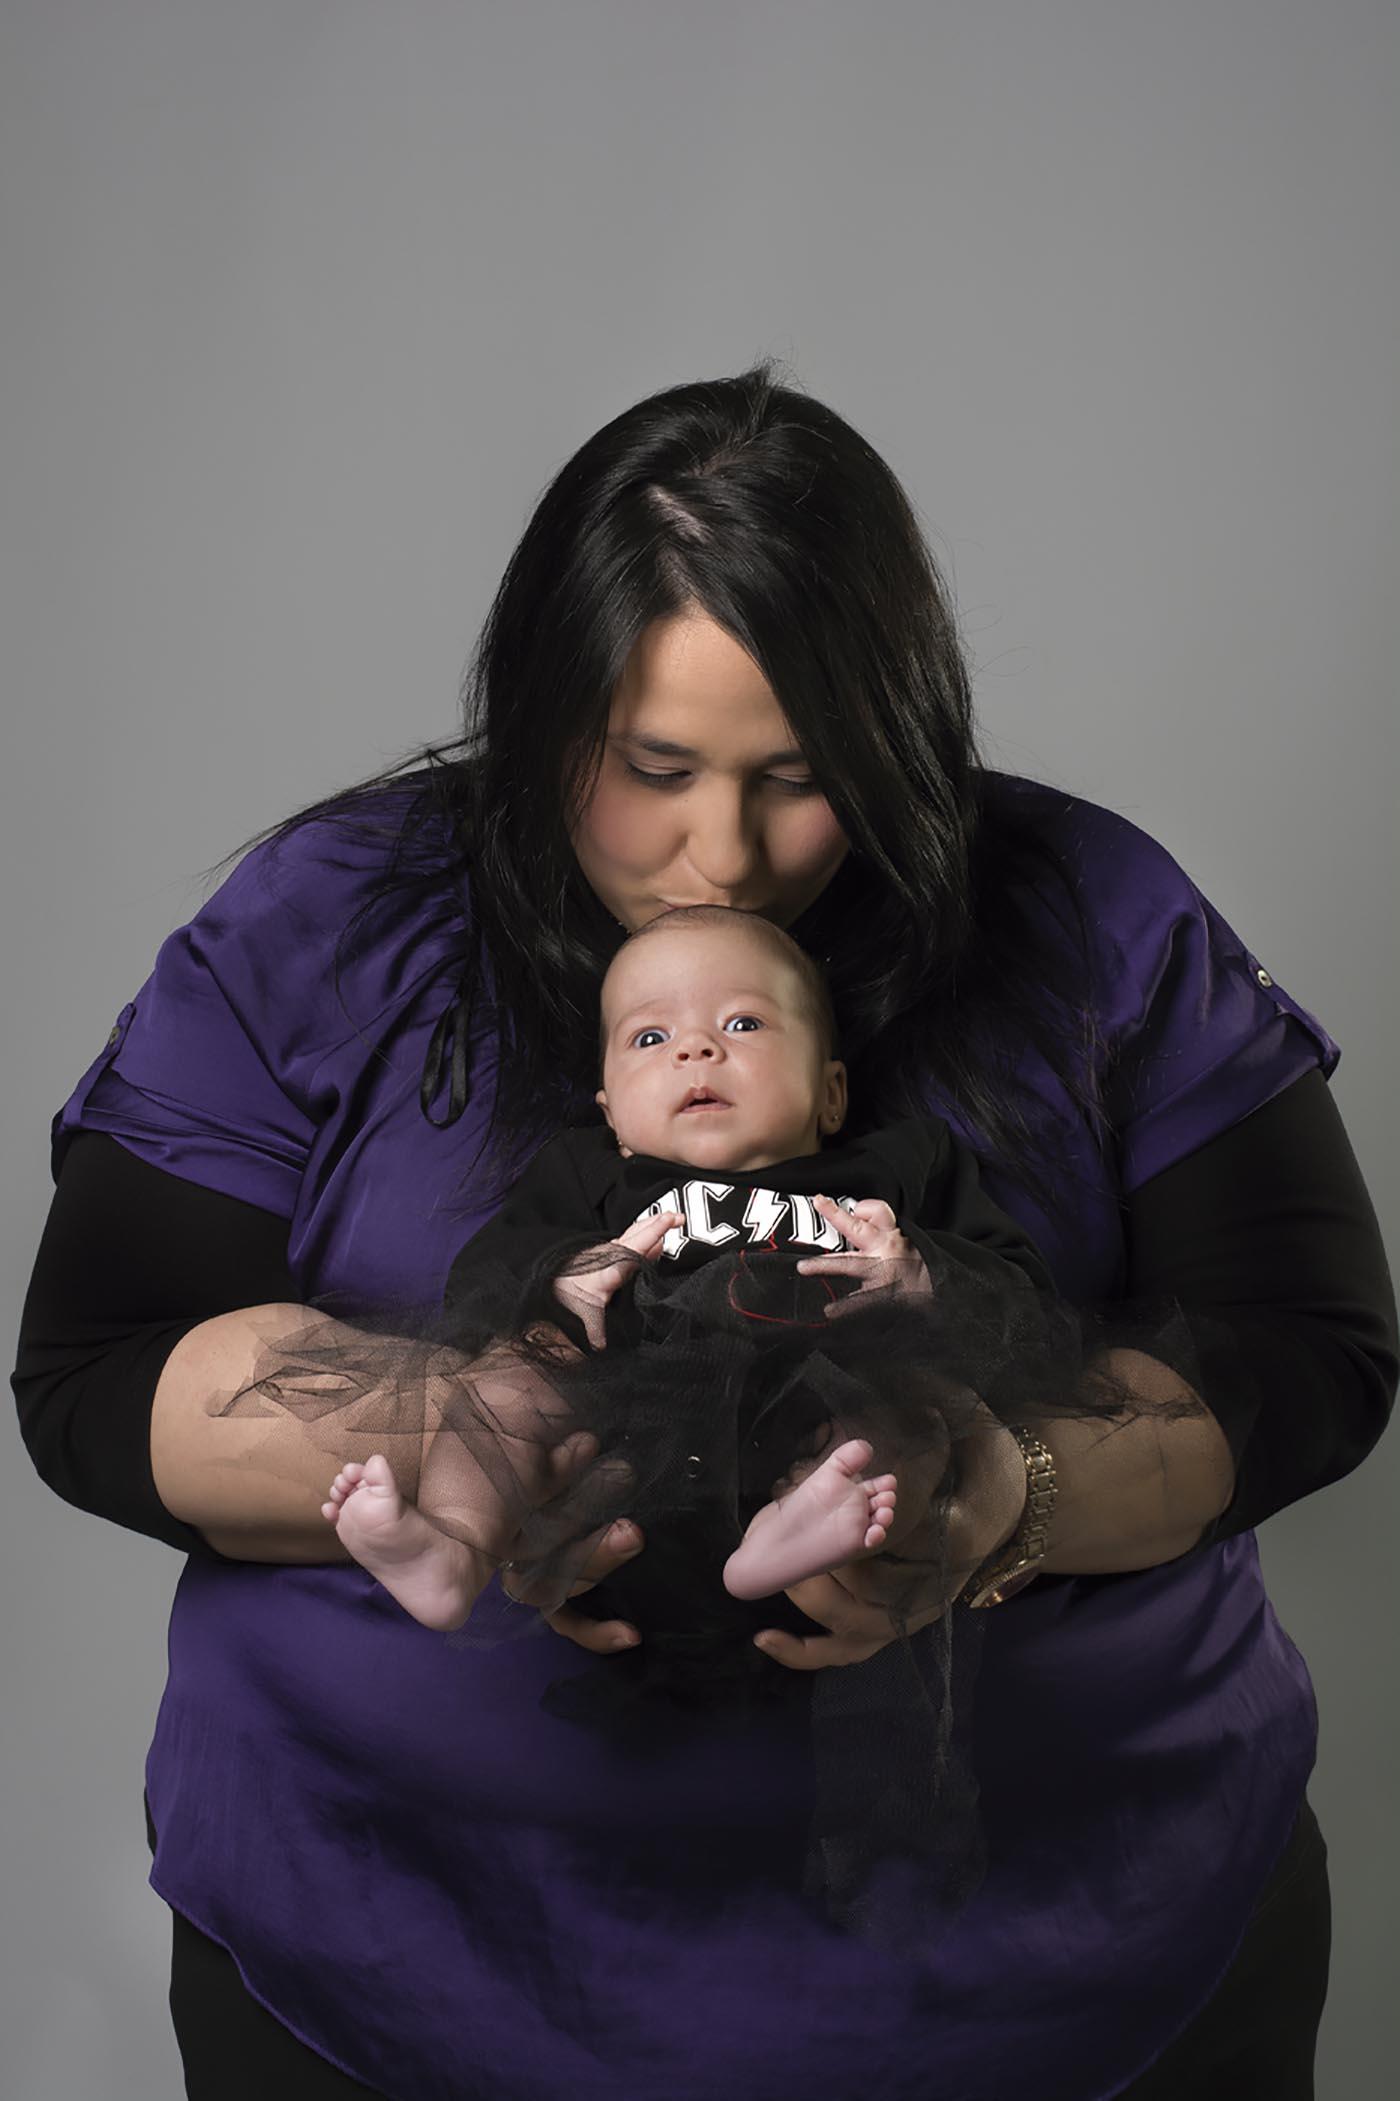 kidsfoto.es Sesión fotográfica de bebe, familia